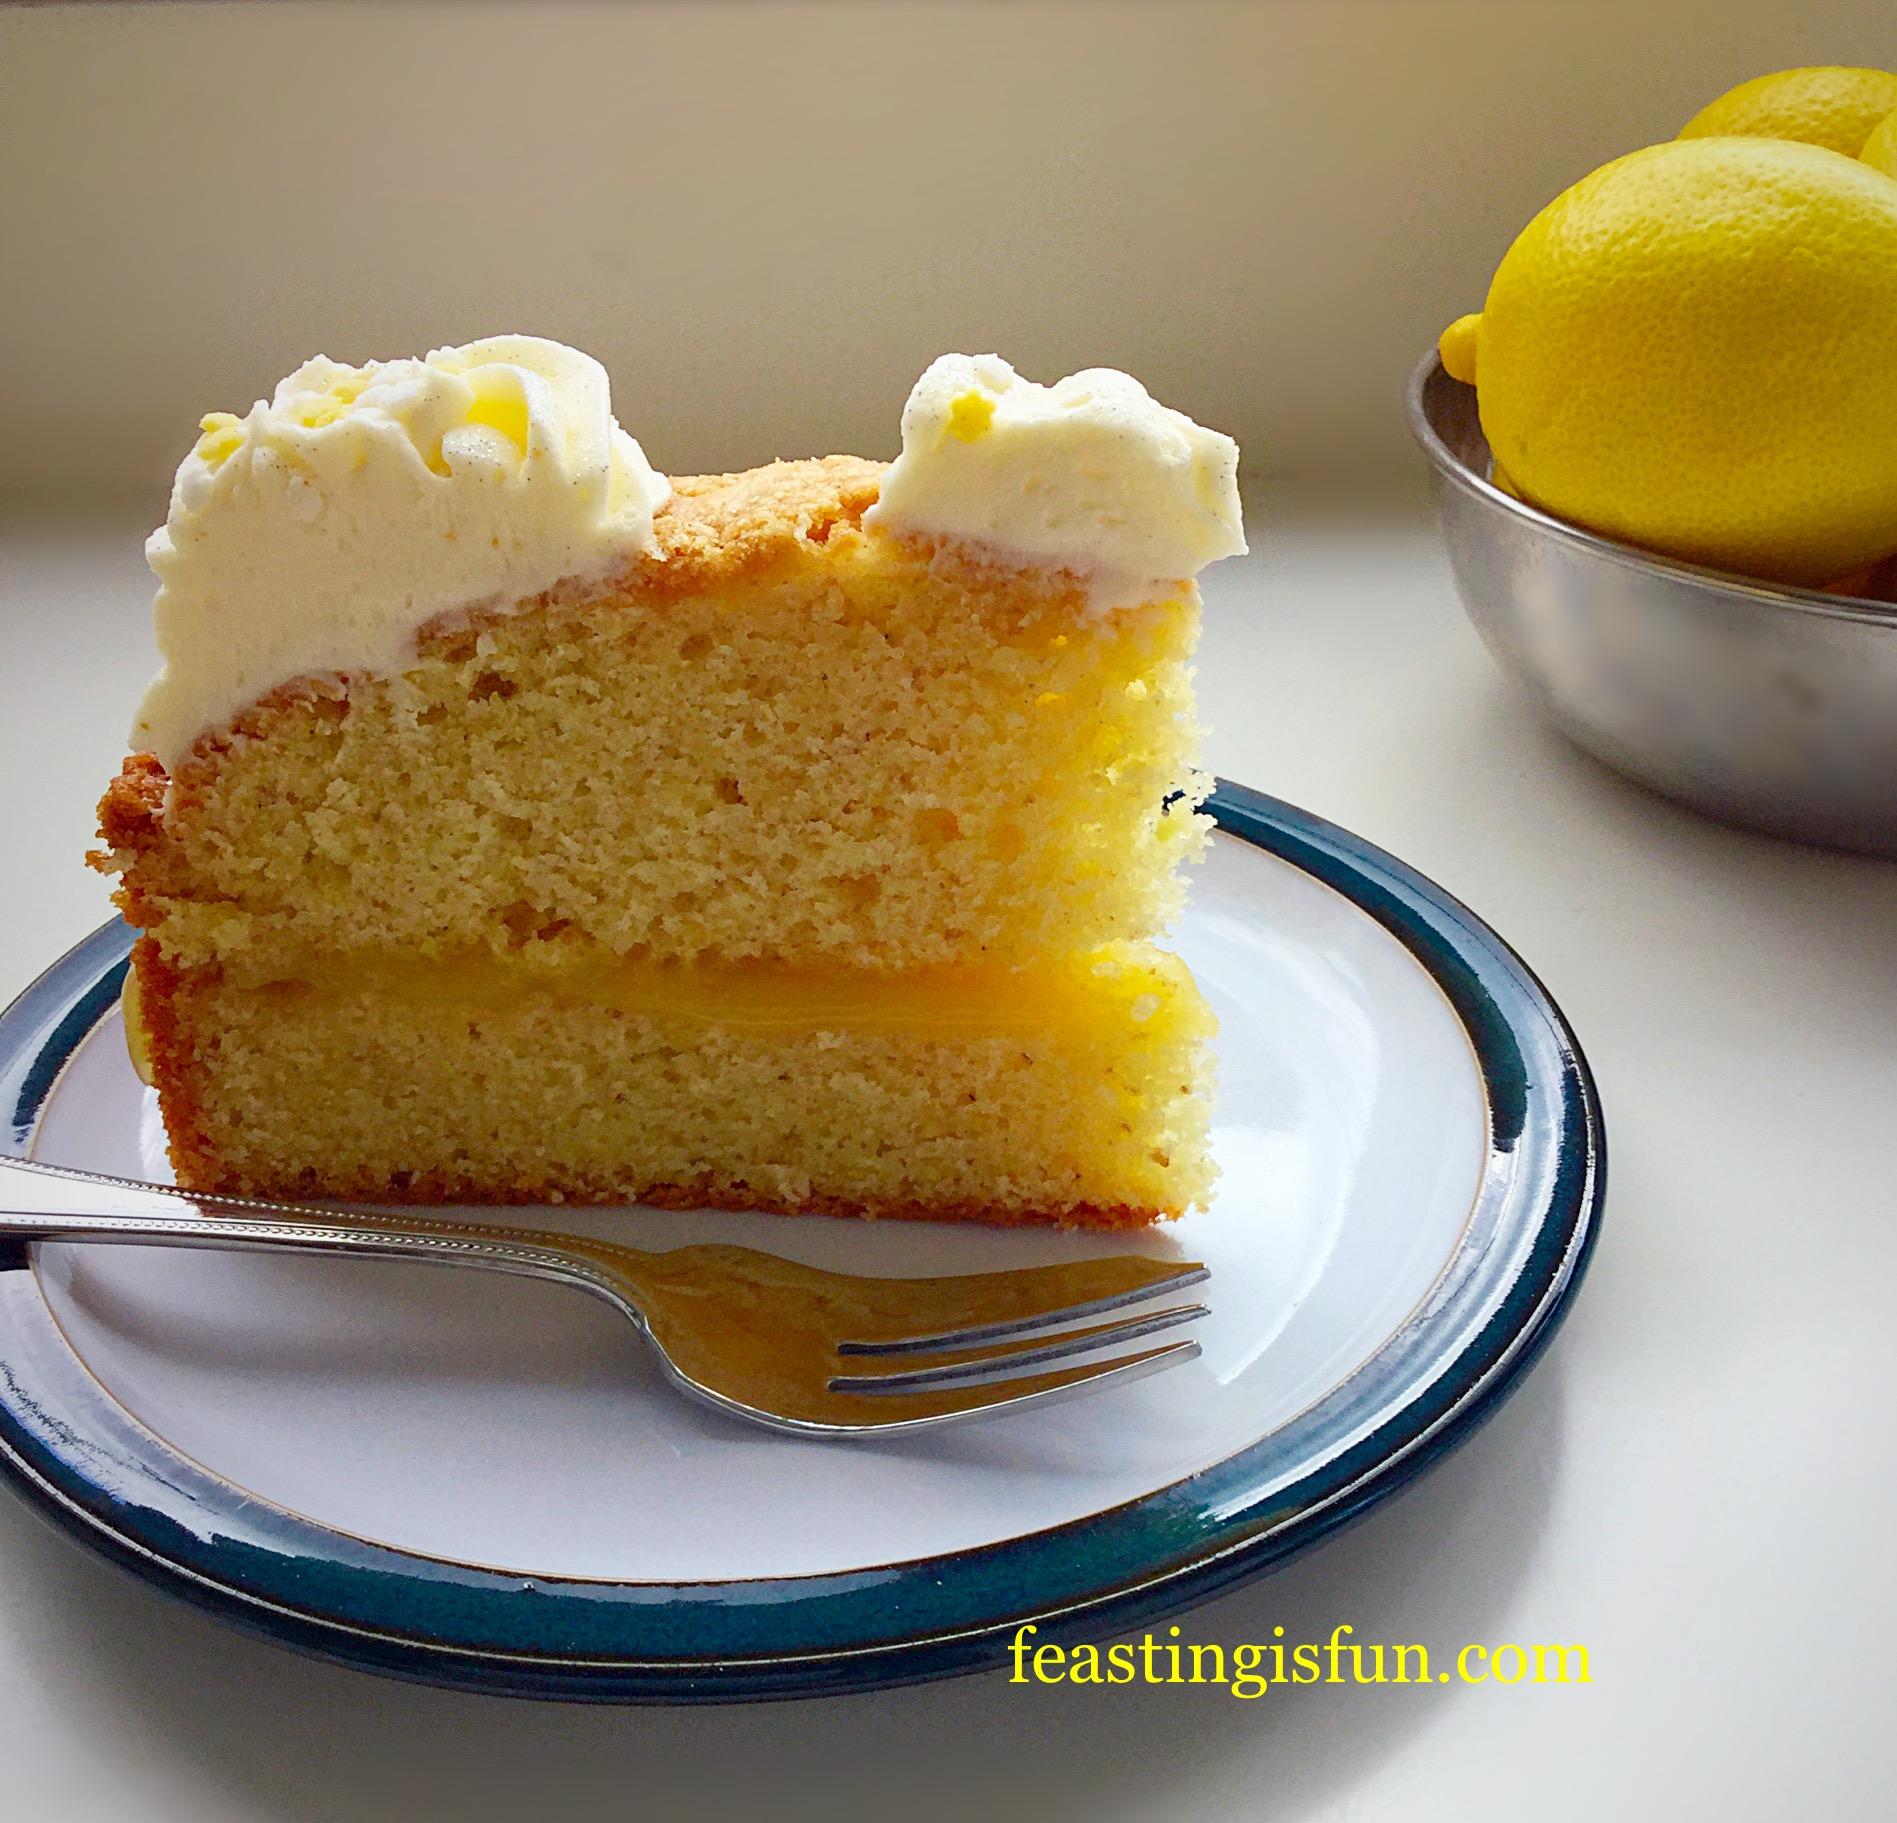 Lemon Curd In Cake Batter